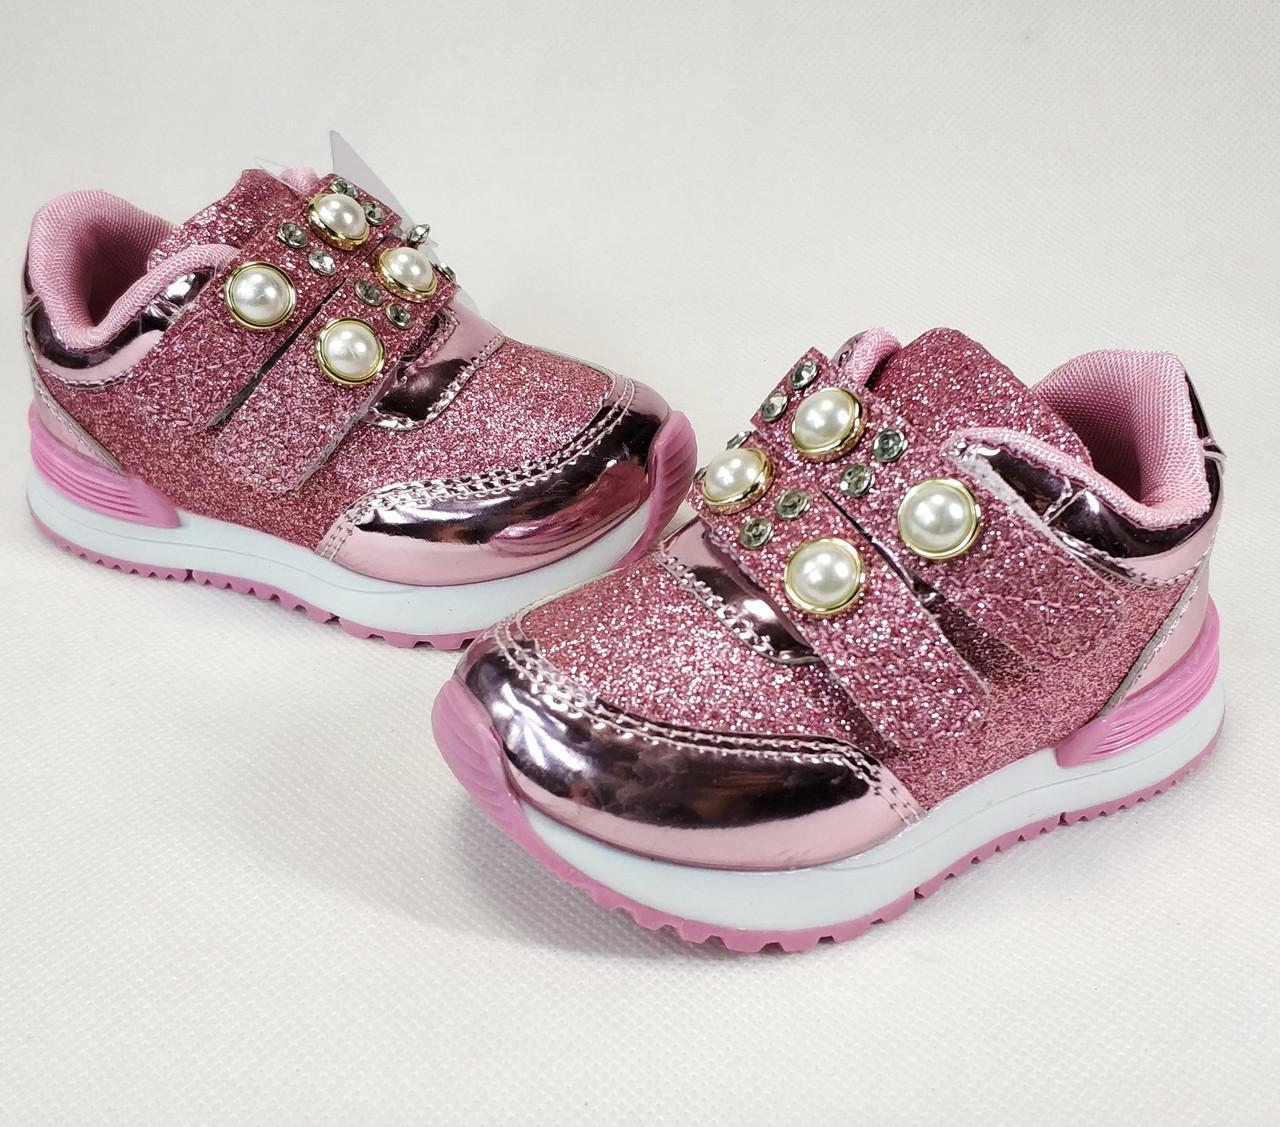 db87ef74 Детские кроссовки для девочки розовые бусины 22р. - ☎ VIBER 0977864700  интернет магазин vladvoz.